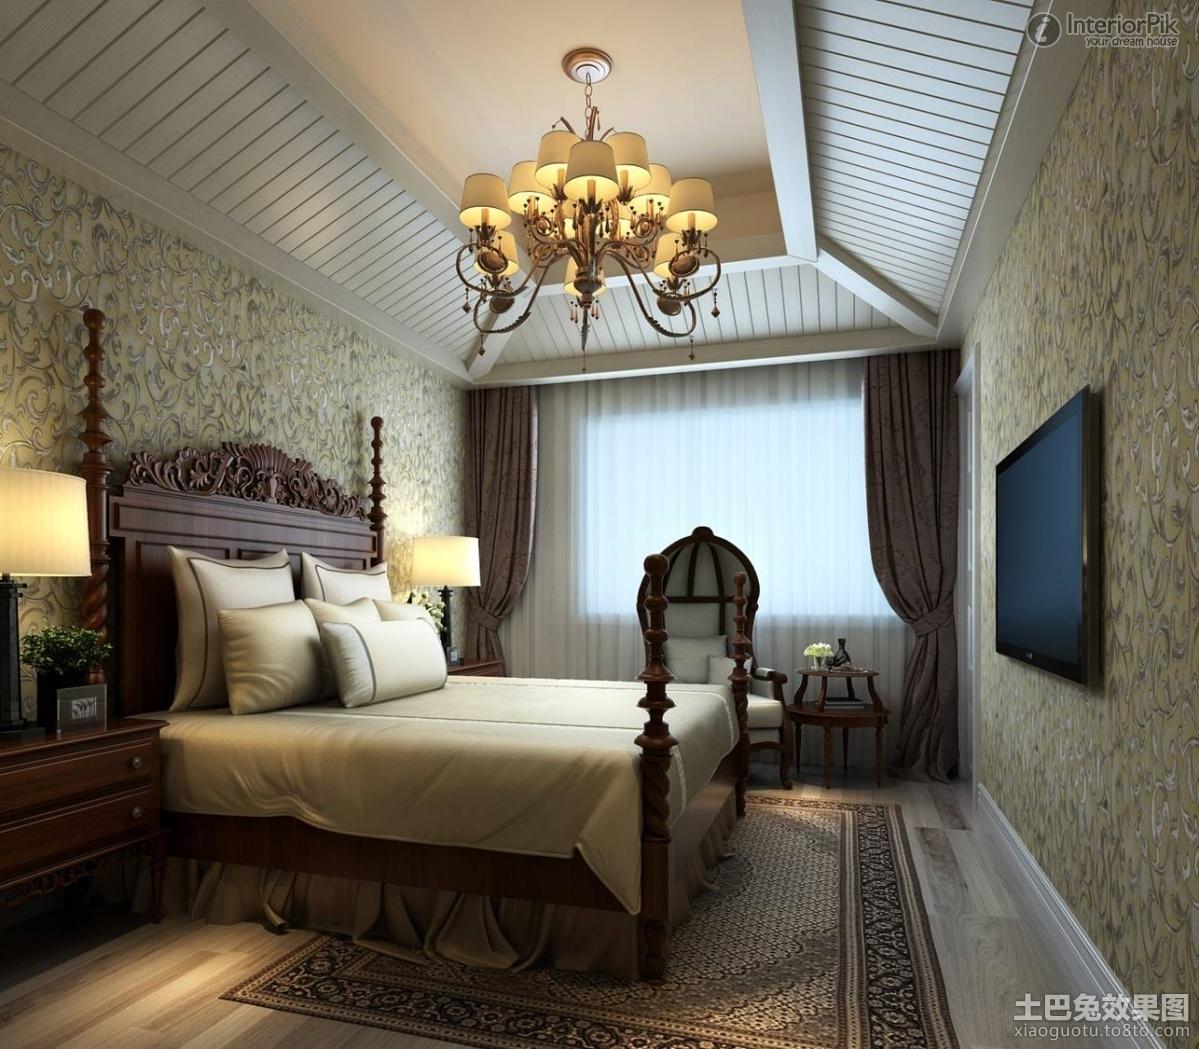 Chandelier In Bedroom Throughout Bedroom Chandeliers (#5 of 12)